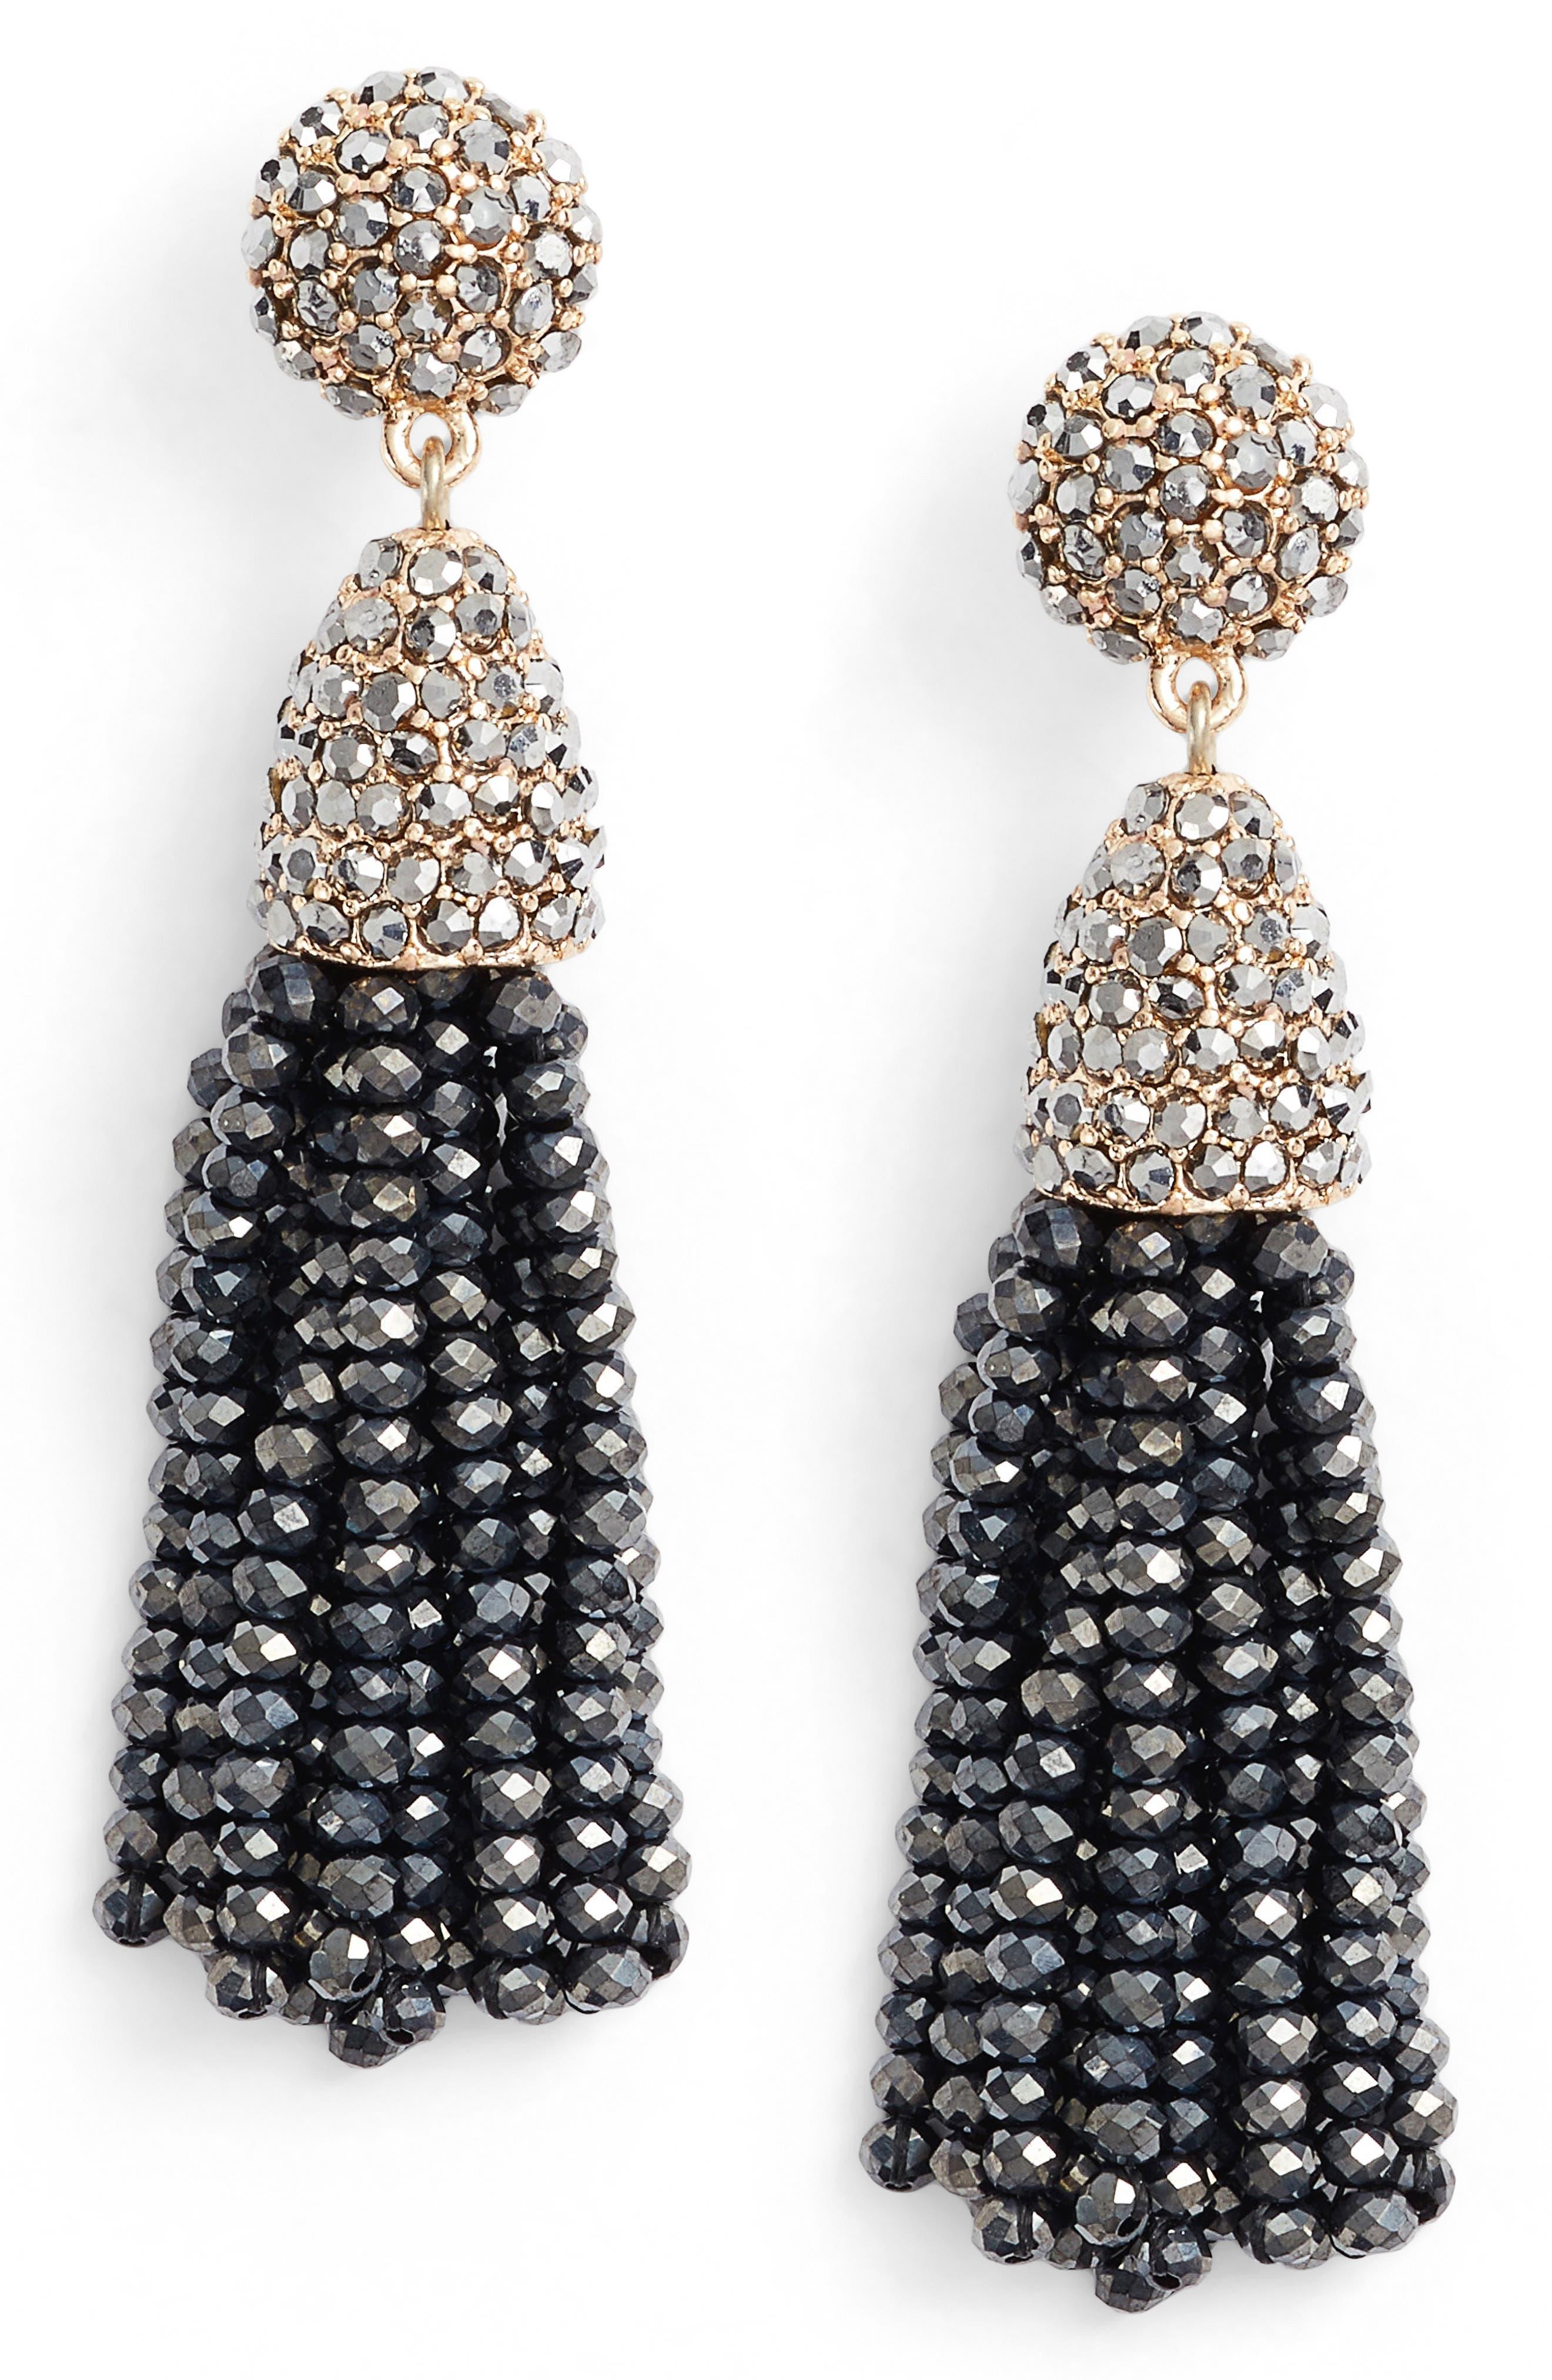 BAUBLEBAR Mini Metallic Pinata Statement Earrings, Main, color, 040